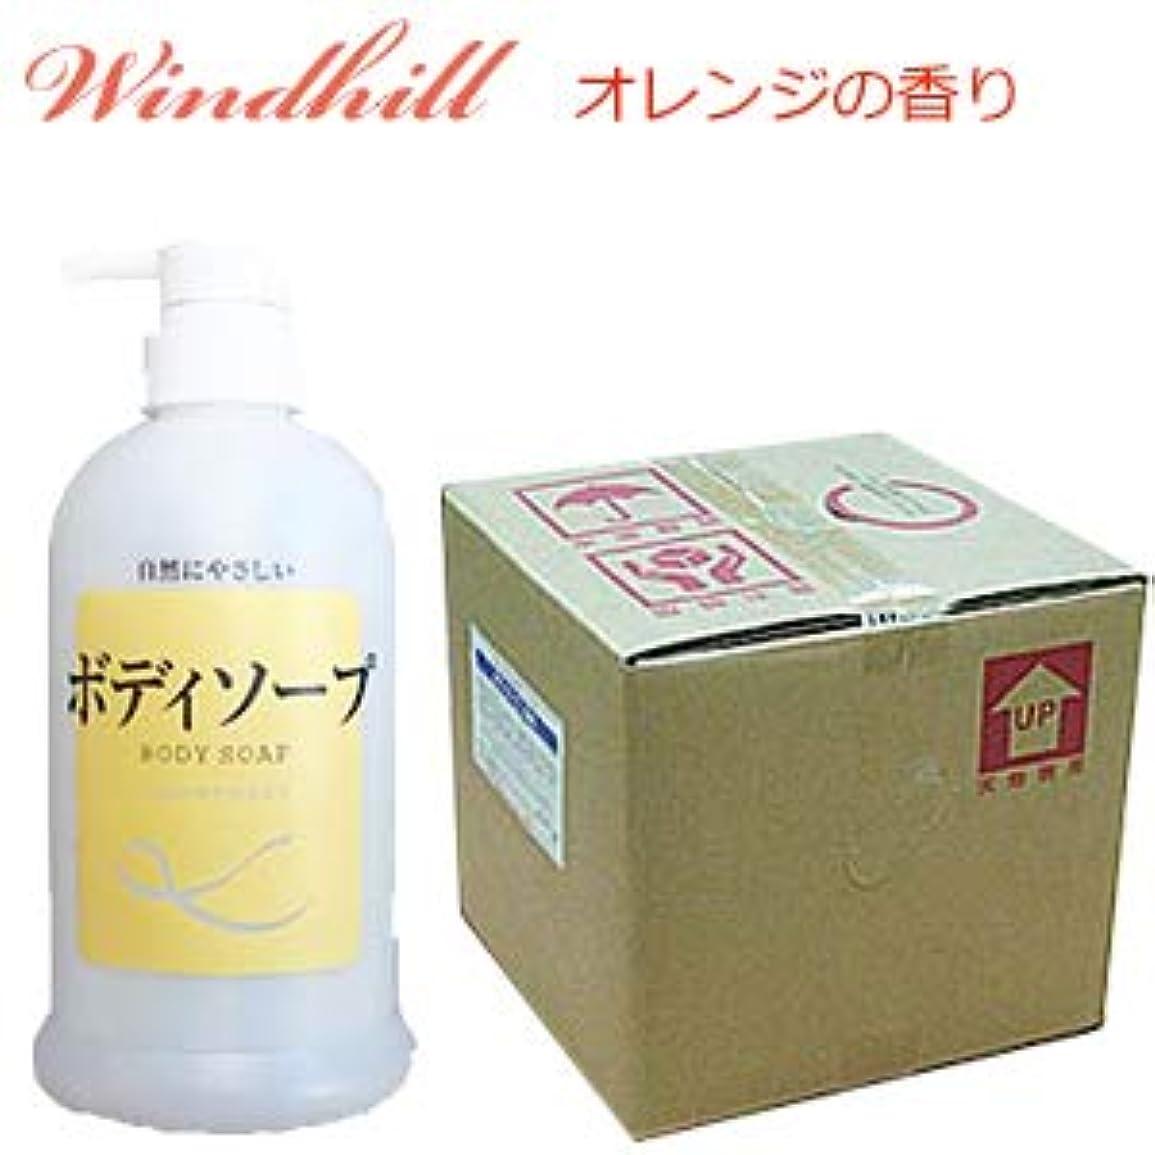 不合格作家コードWindhill 植物性 業務用ボディソープオレンジの香り 20L(1セット20L入)